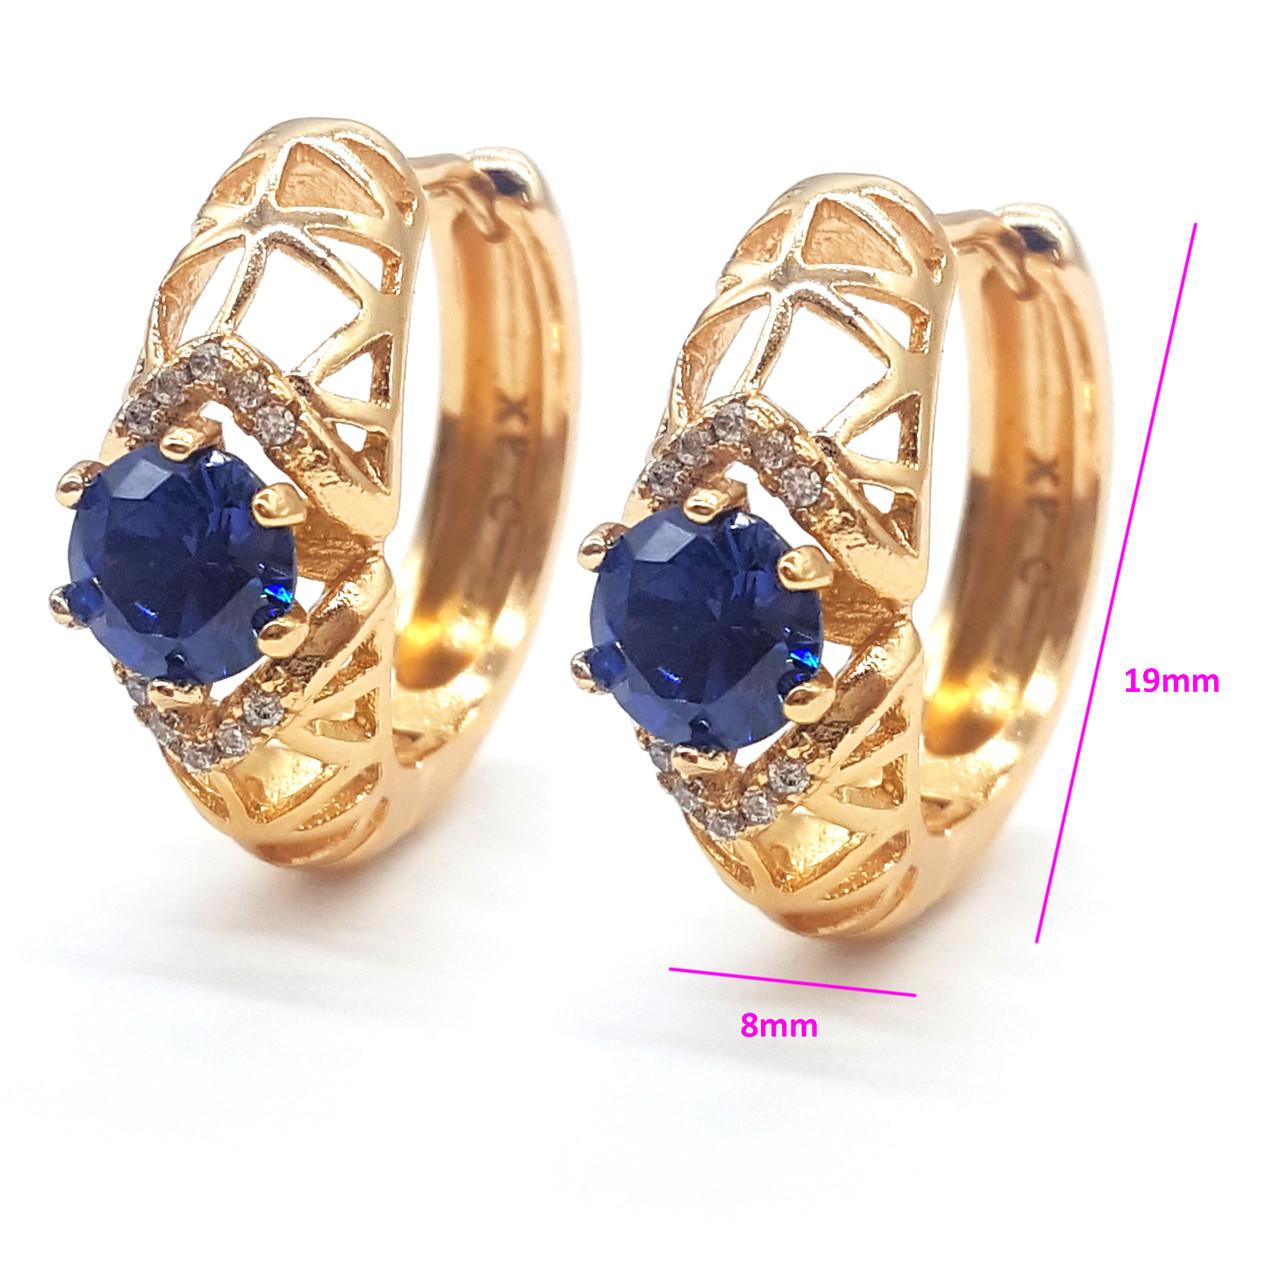 Серьги Колечка, с синим камнем, позолота